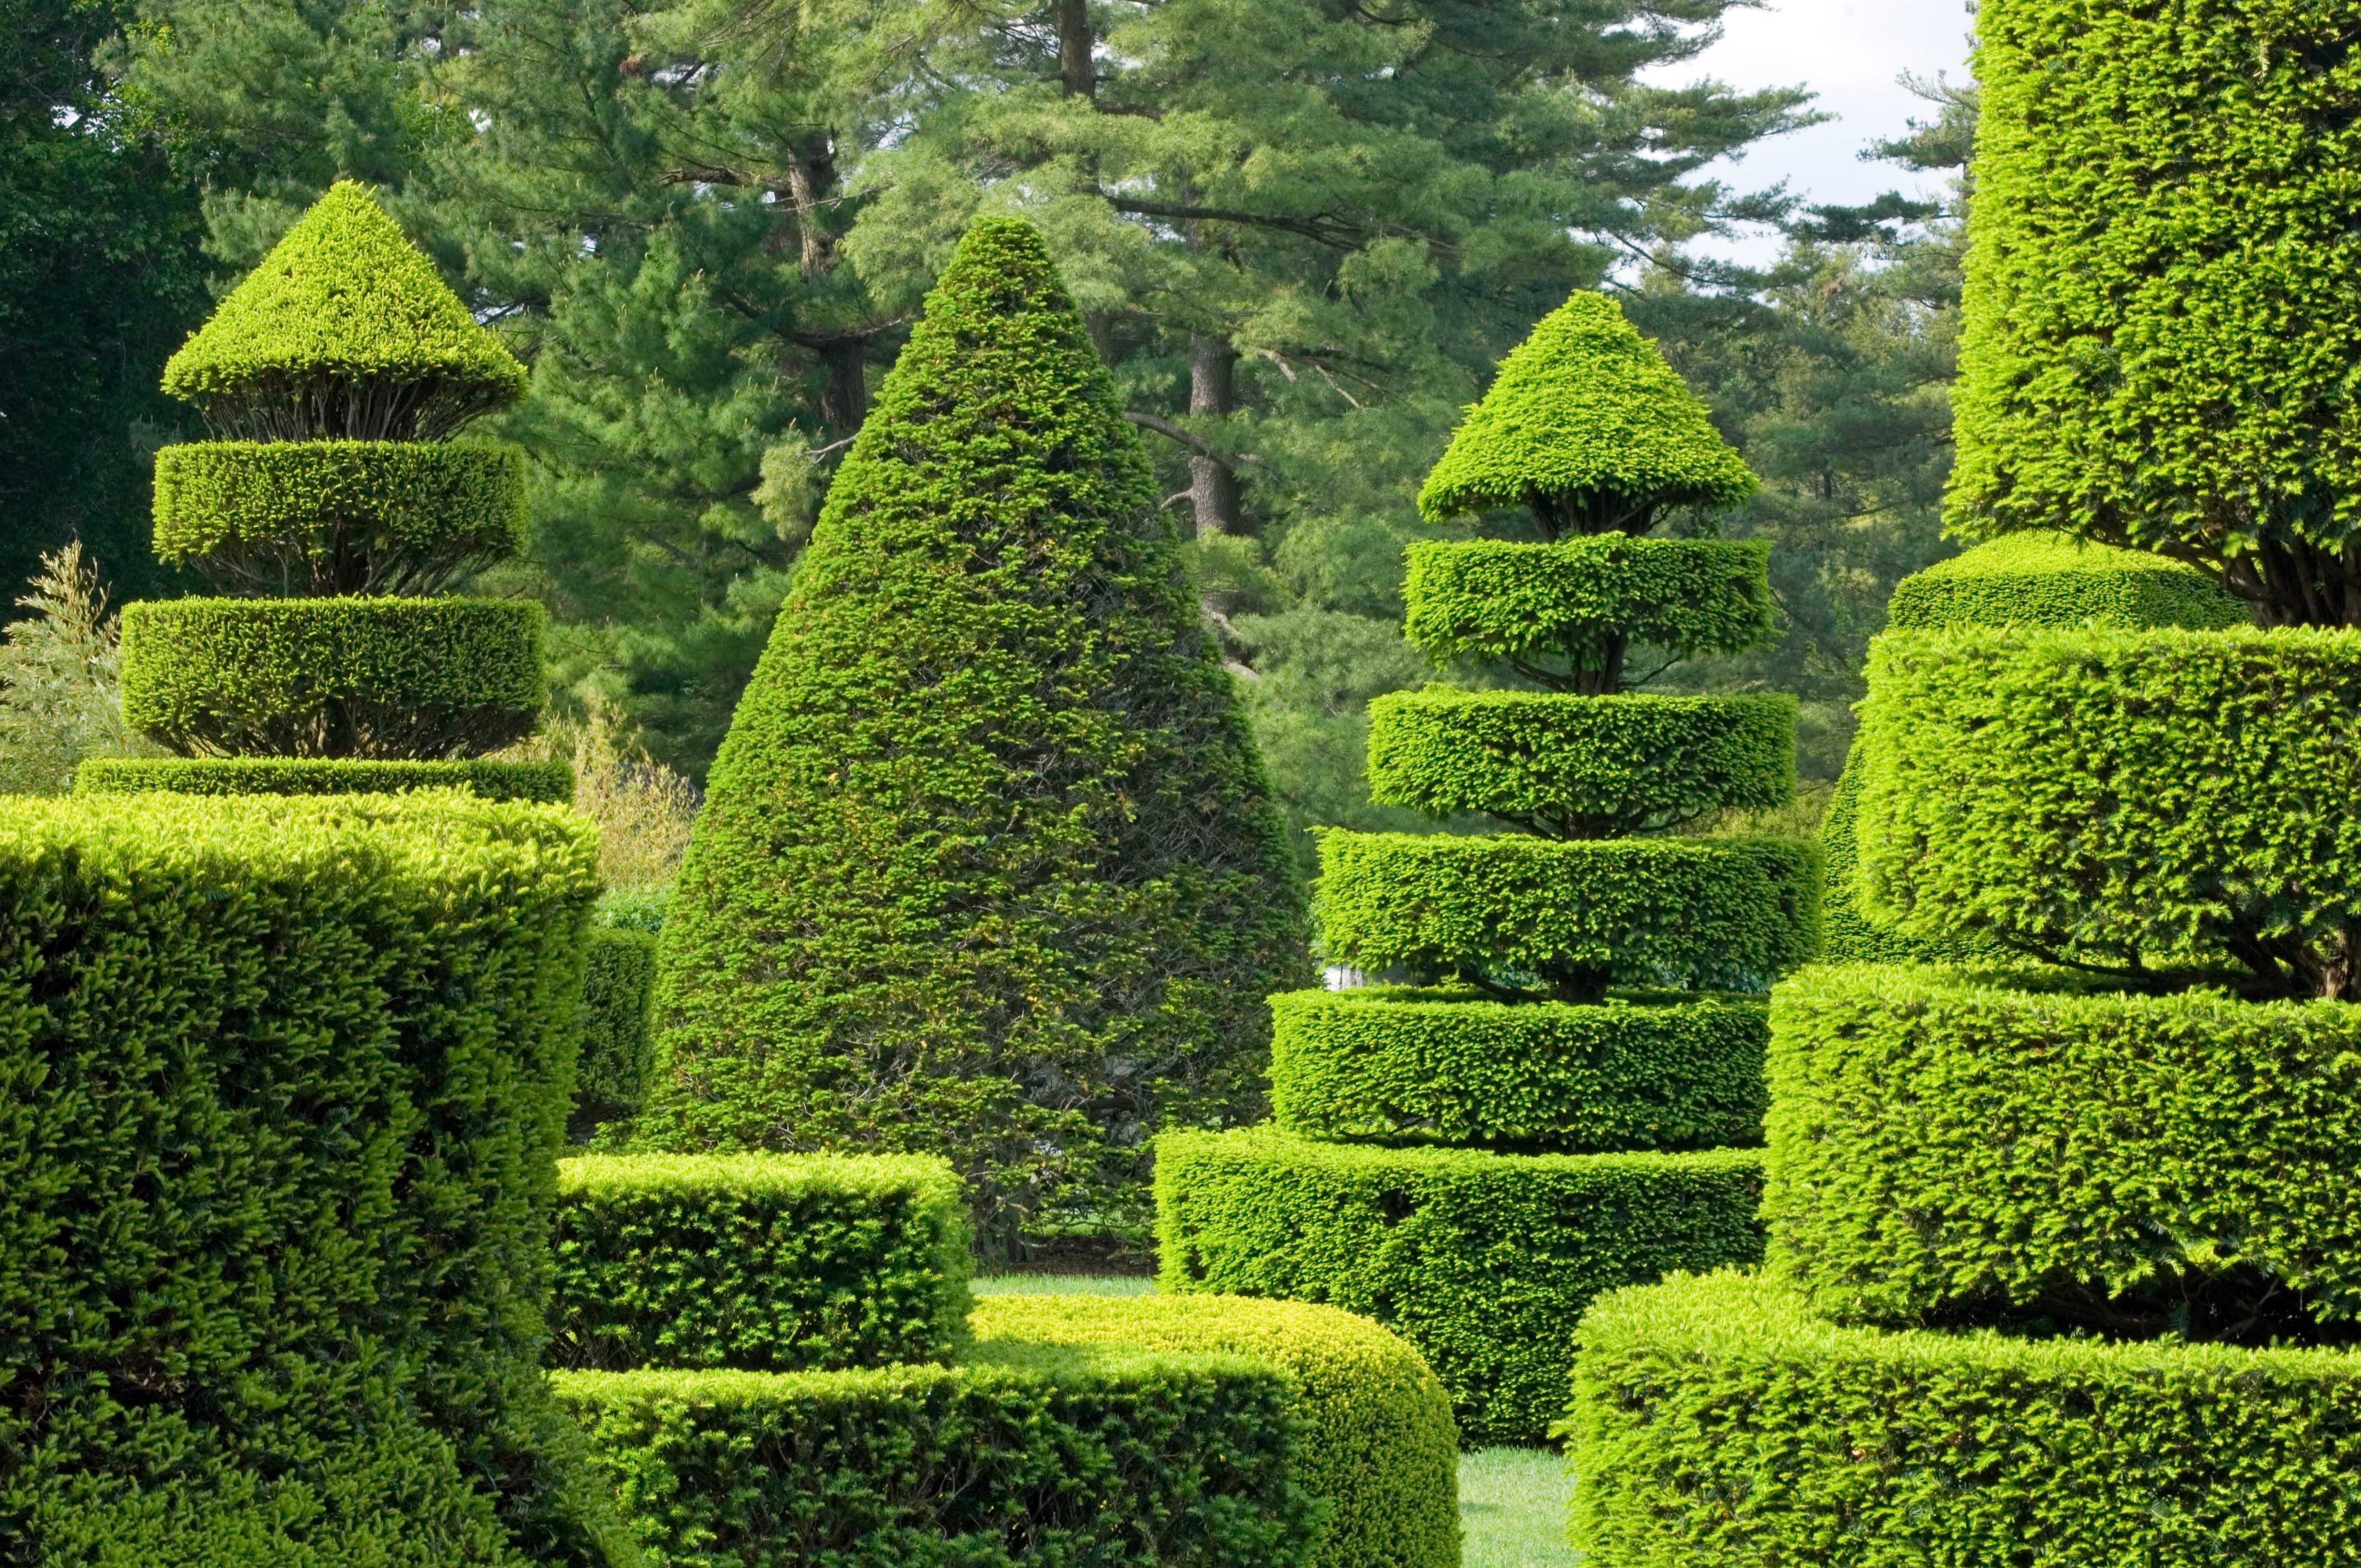 стрижка растений в саду фото раннее время